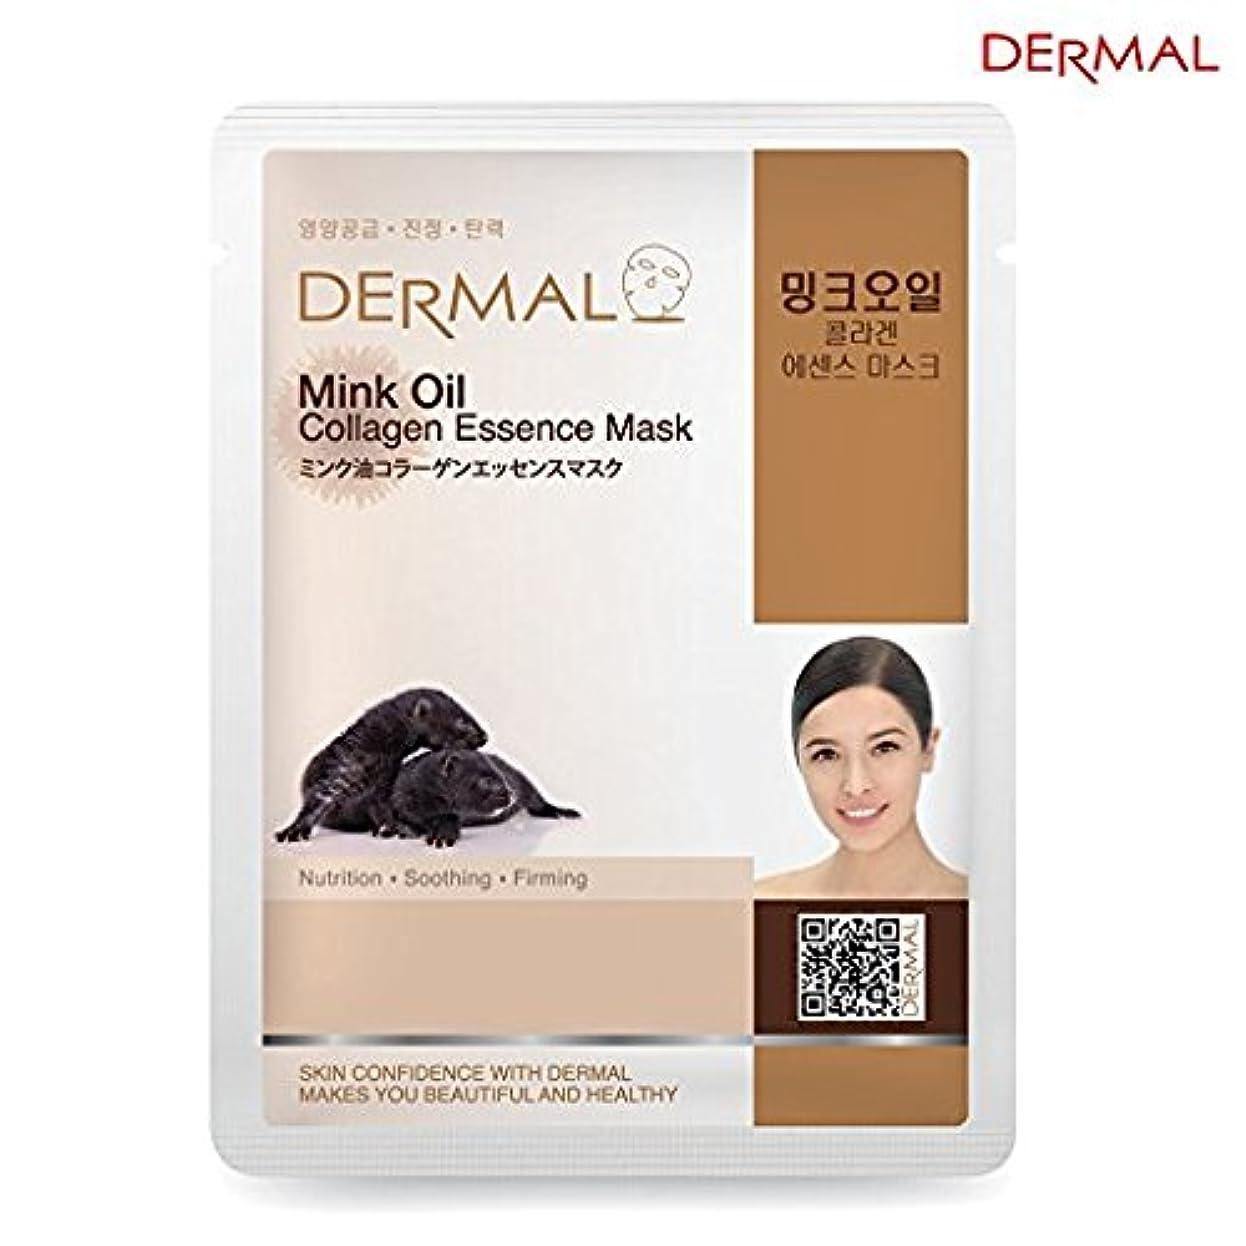 後悔ペネロペ驚かすシート マスク ミンク油エキス ダーマル Dermal 23g (10枚セット) 韓国コスメ コラーゲンエッセンスマスク フェイス パック